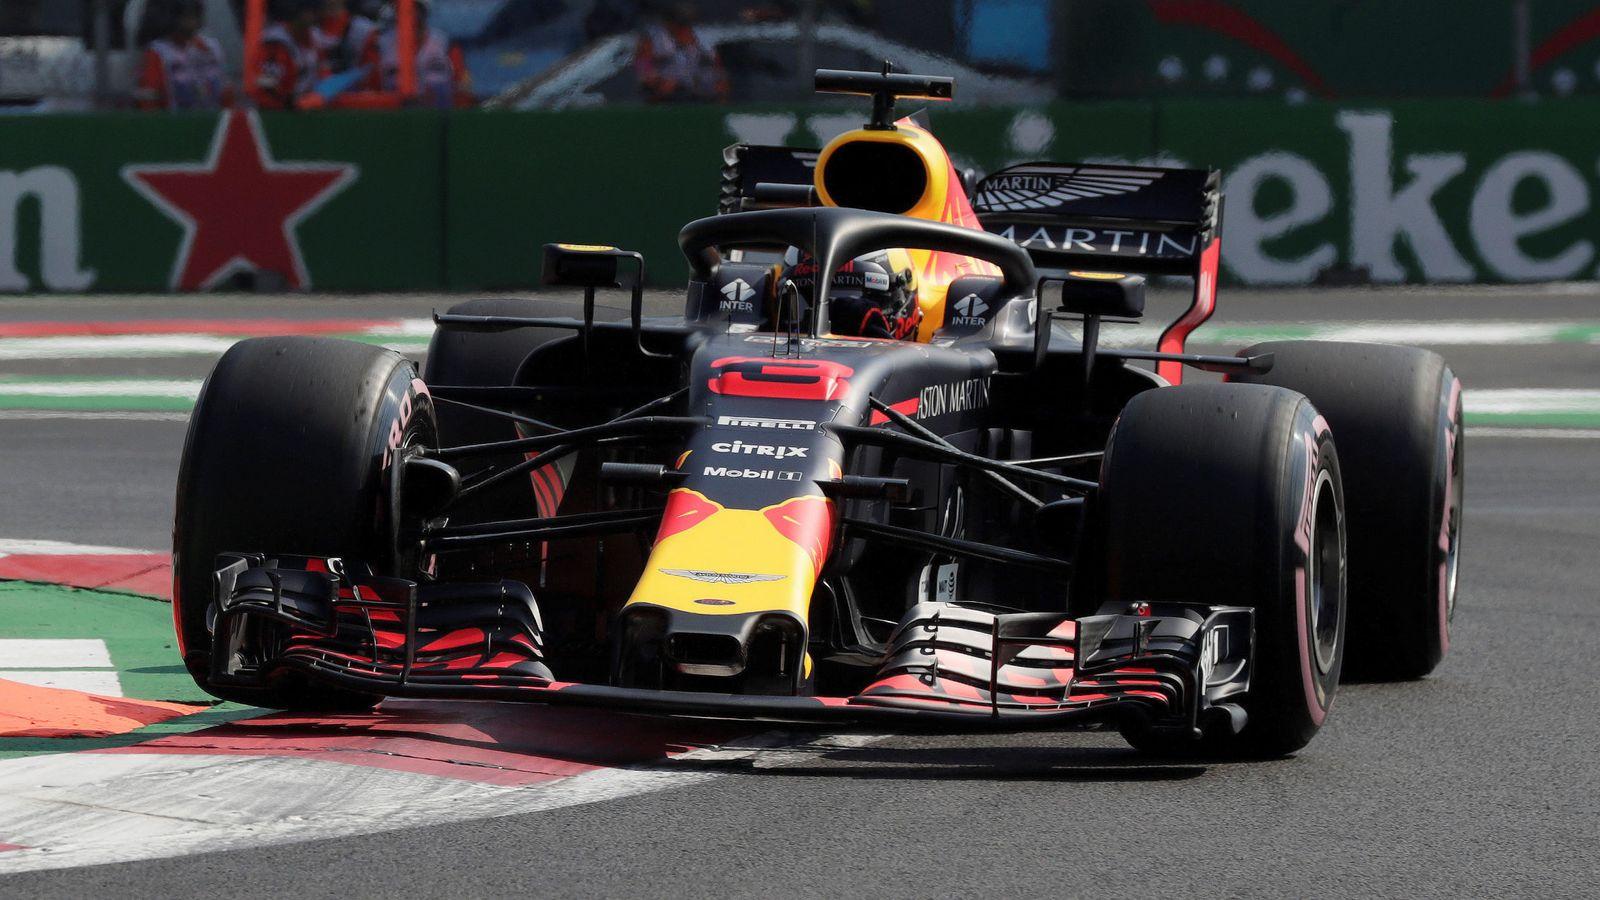 Foto: Red Bull dominó con solvencia los primeros entrenamientos libres. (REUTERS)